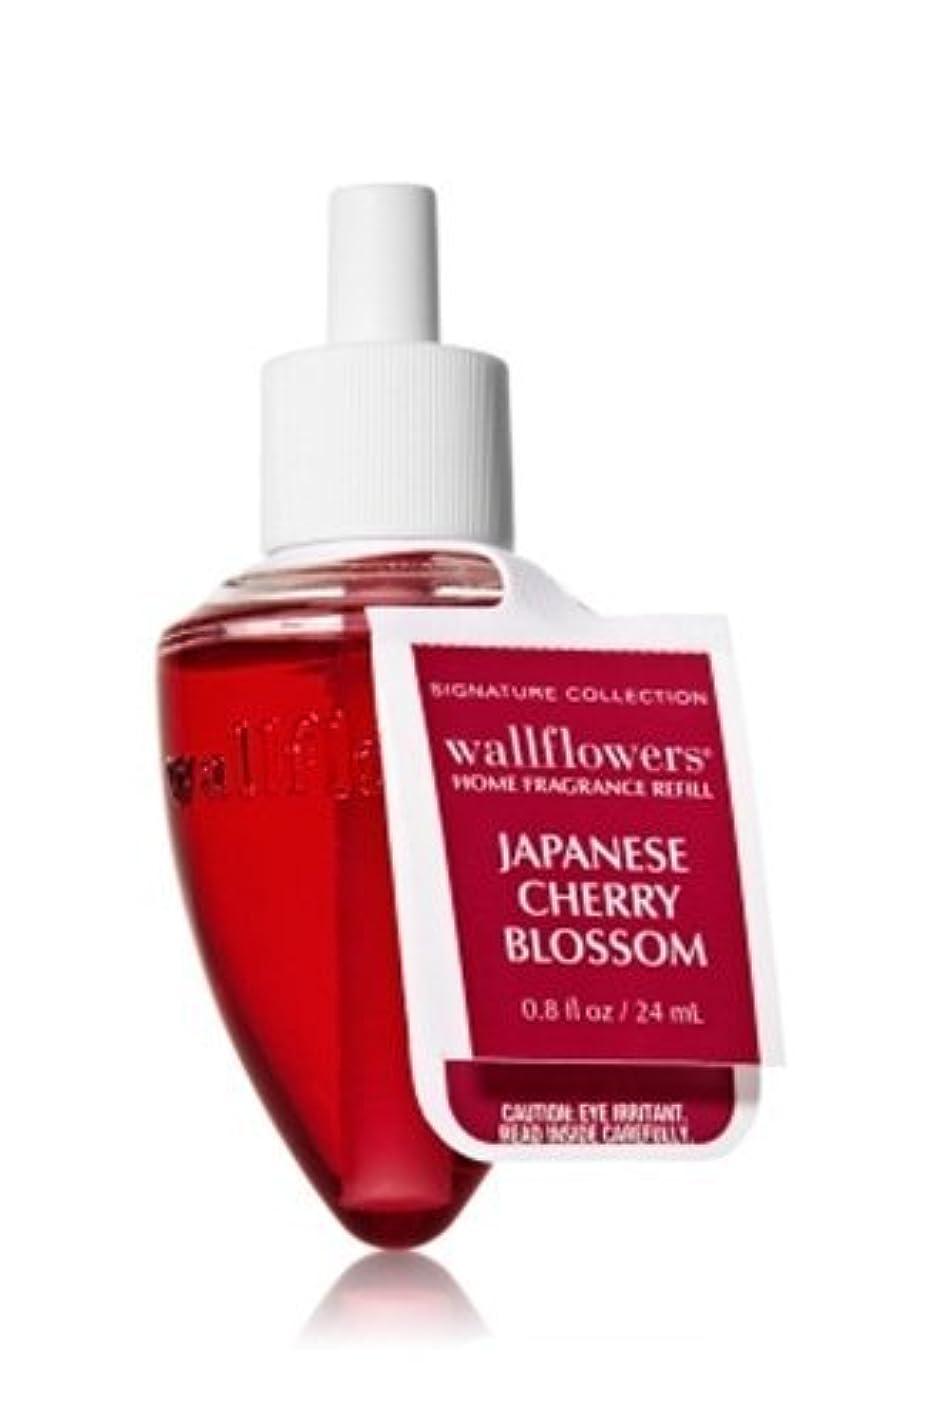 面酸素者Bath & Body Works(バス&ボディワークス)ジャパニーズチェリーブロッサム ホームフレグランス レフィル(本体は別売りです)Japanese Cherry Blossom Wallflowers Refill Single Bottles [並行輸入品]